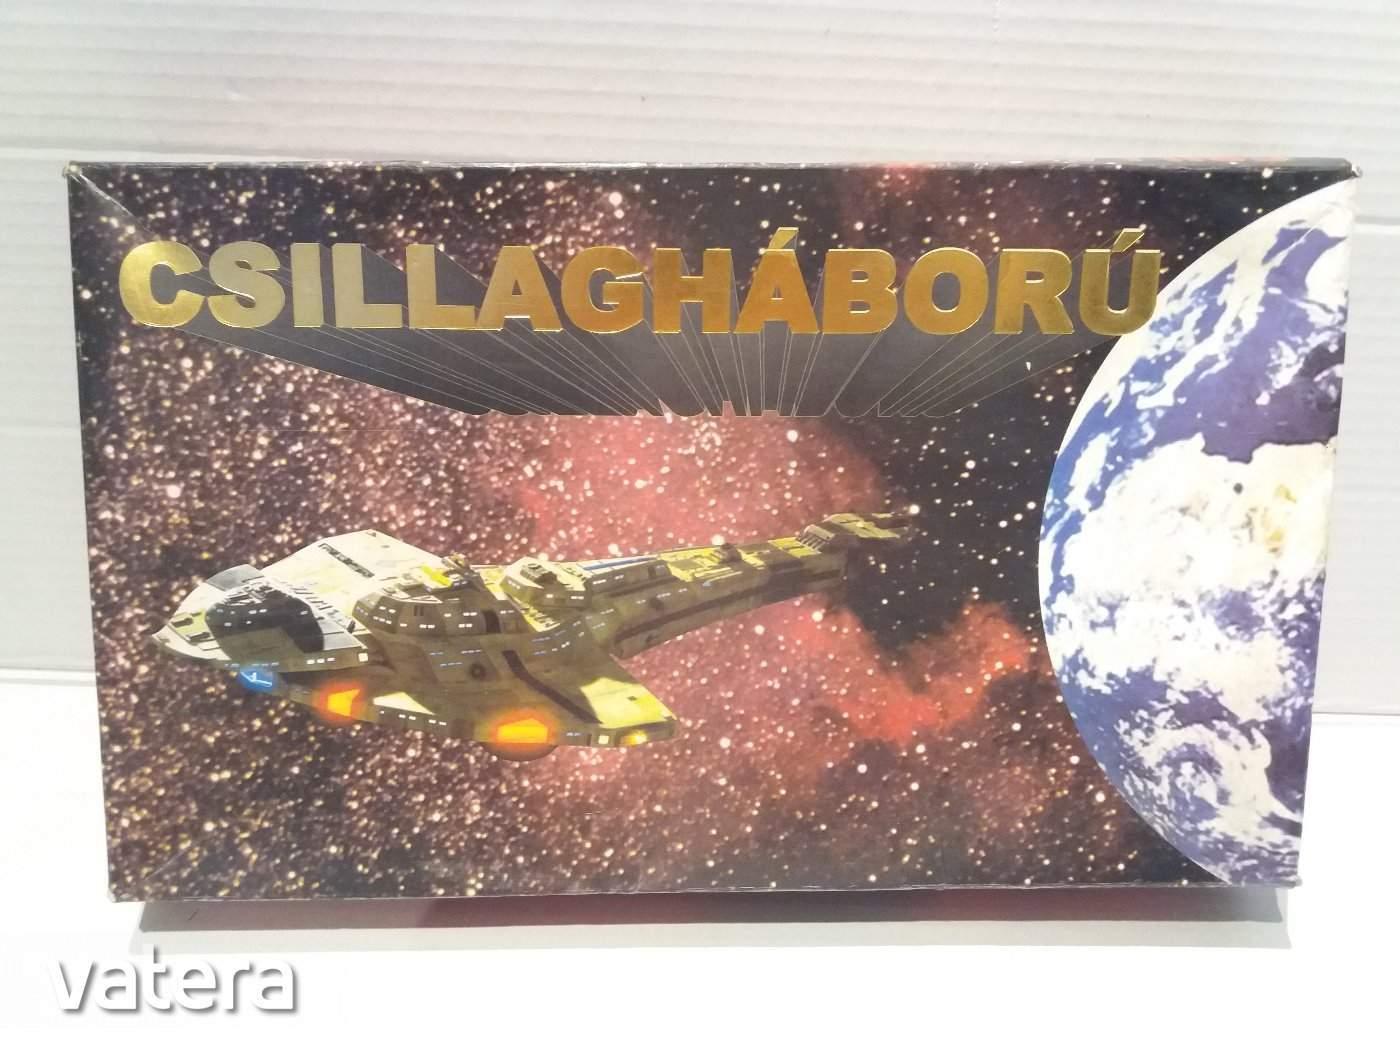 csillaghaboru-retro-regi-tarsasjatek-hianytalan-allapotban-63fa_1_big.jpg